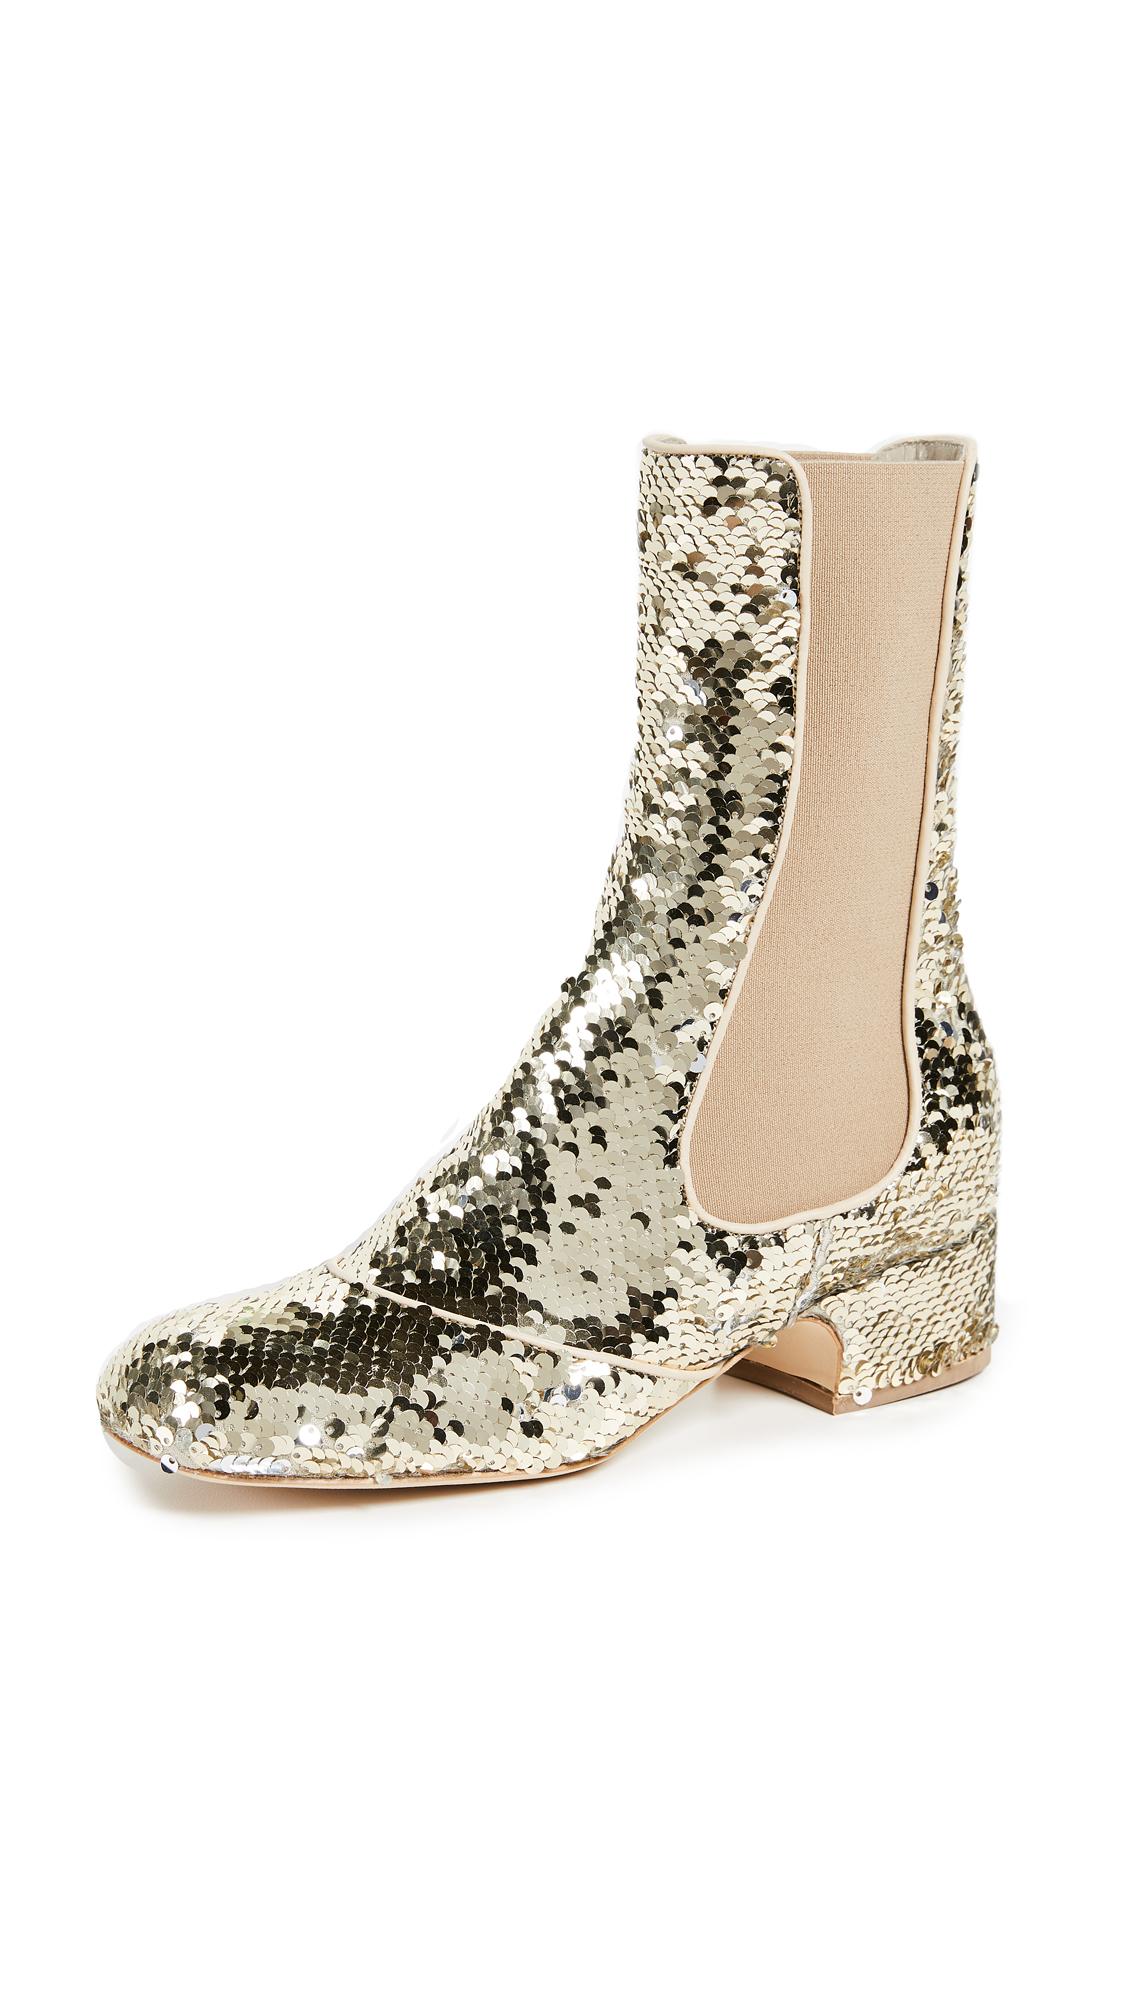 Laurence Dacade Pelen Sequins Booties - Gold/Silver